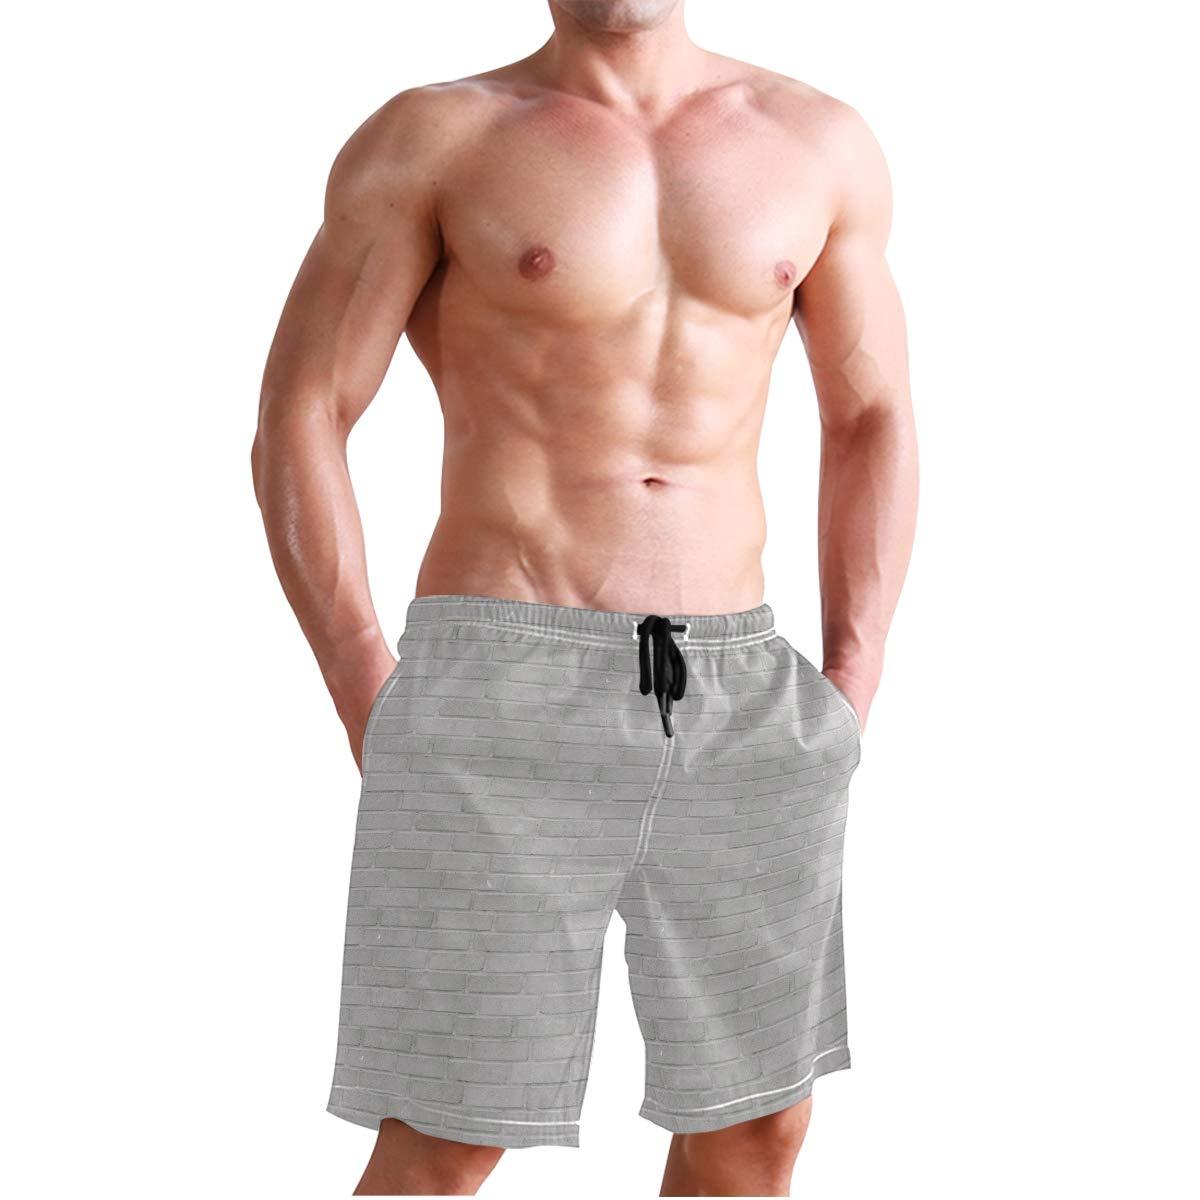 Signore Esercizi Tridimensionali Nj023 S KJGFGHK Stampa Pantaloni Attillati Pantaloni Fitness Yoga